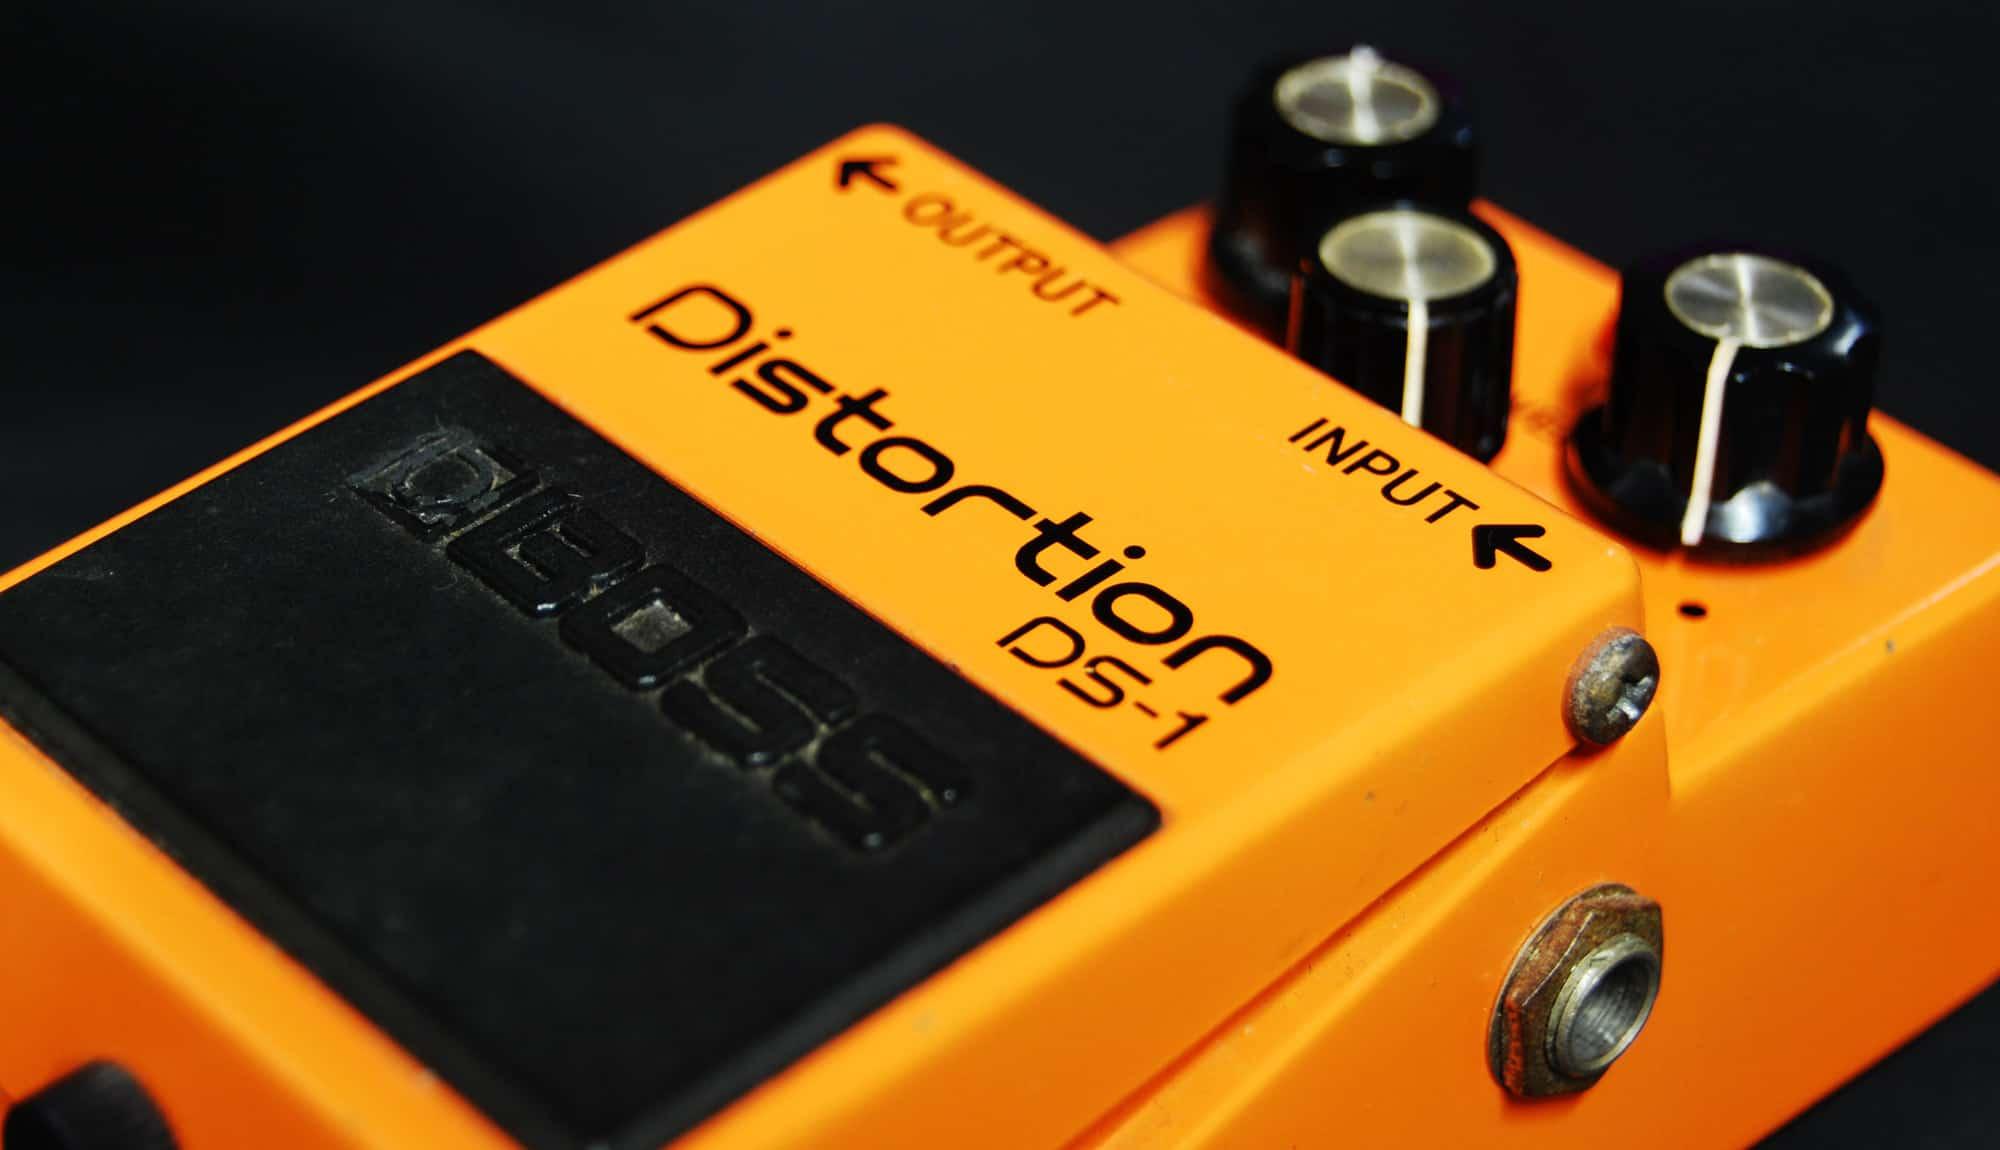 Boss DS1 guitar pedal